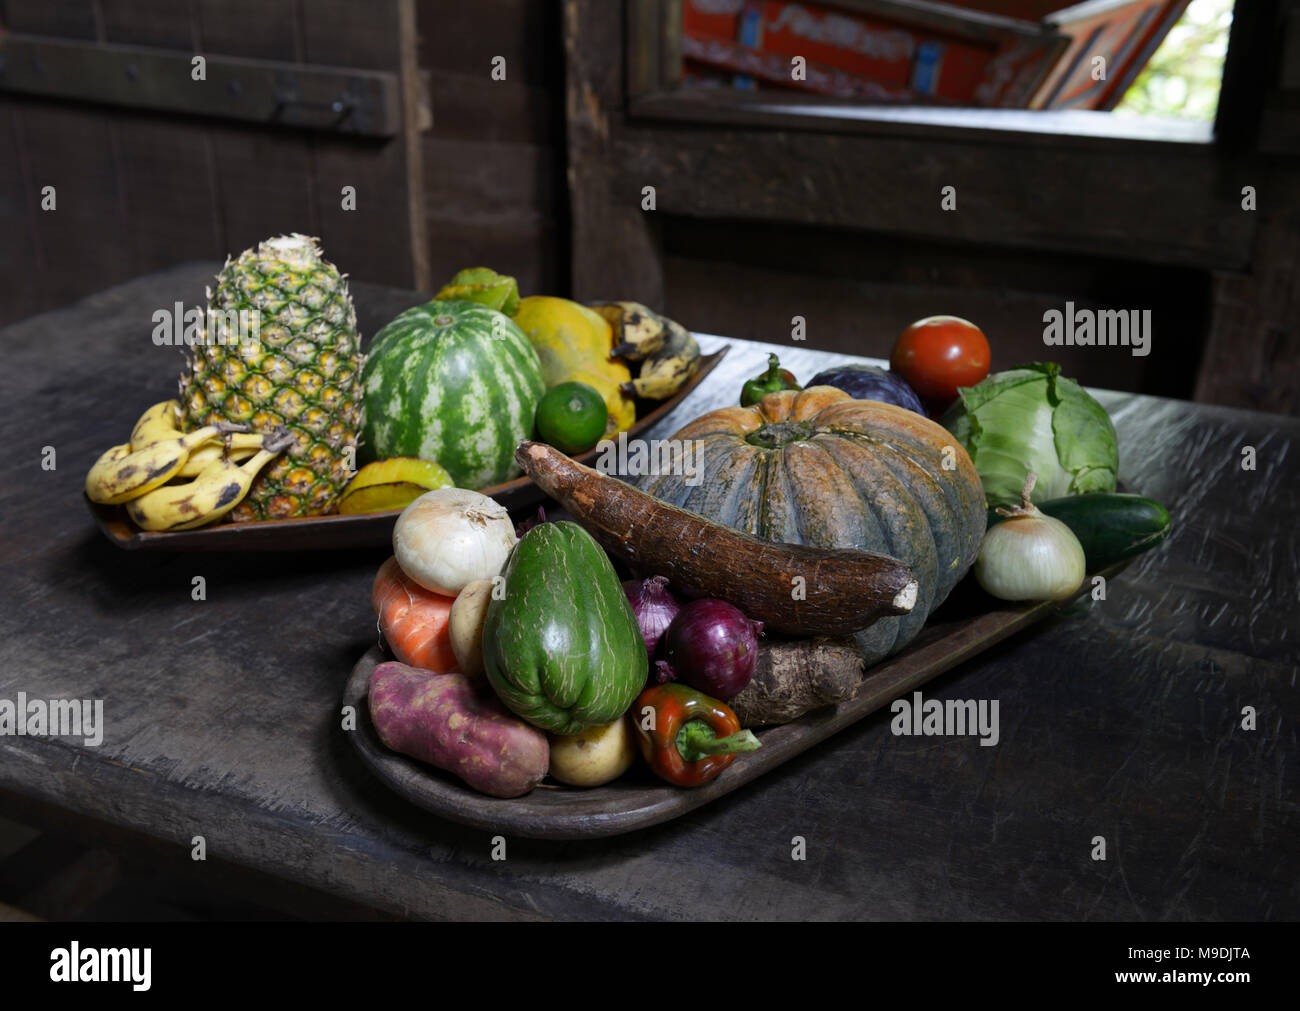 Frutas y verduras tradicionales en una mesa en una casa, Costa Rica Imagen De Stock